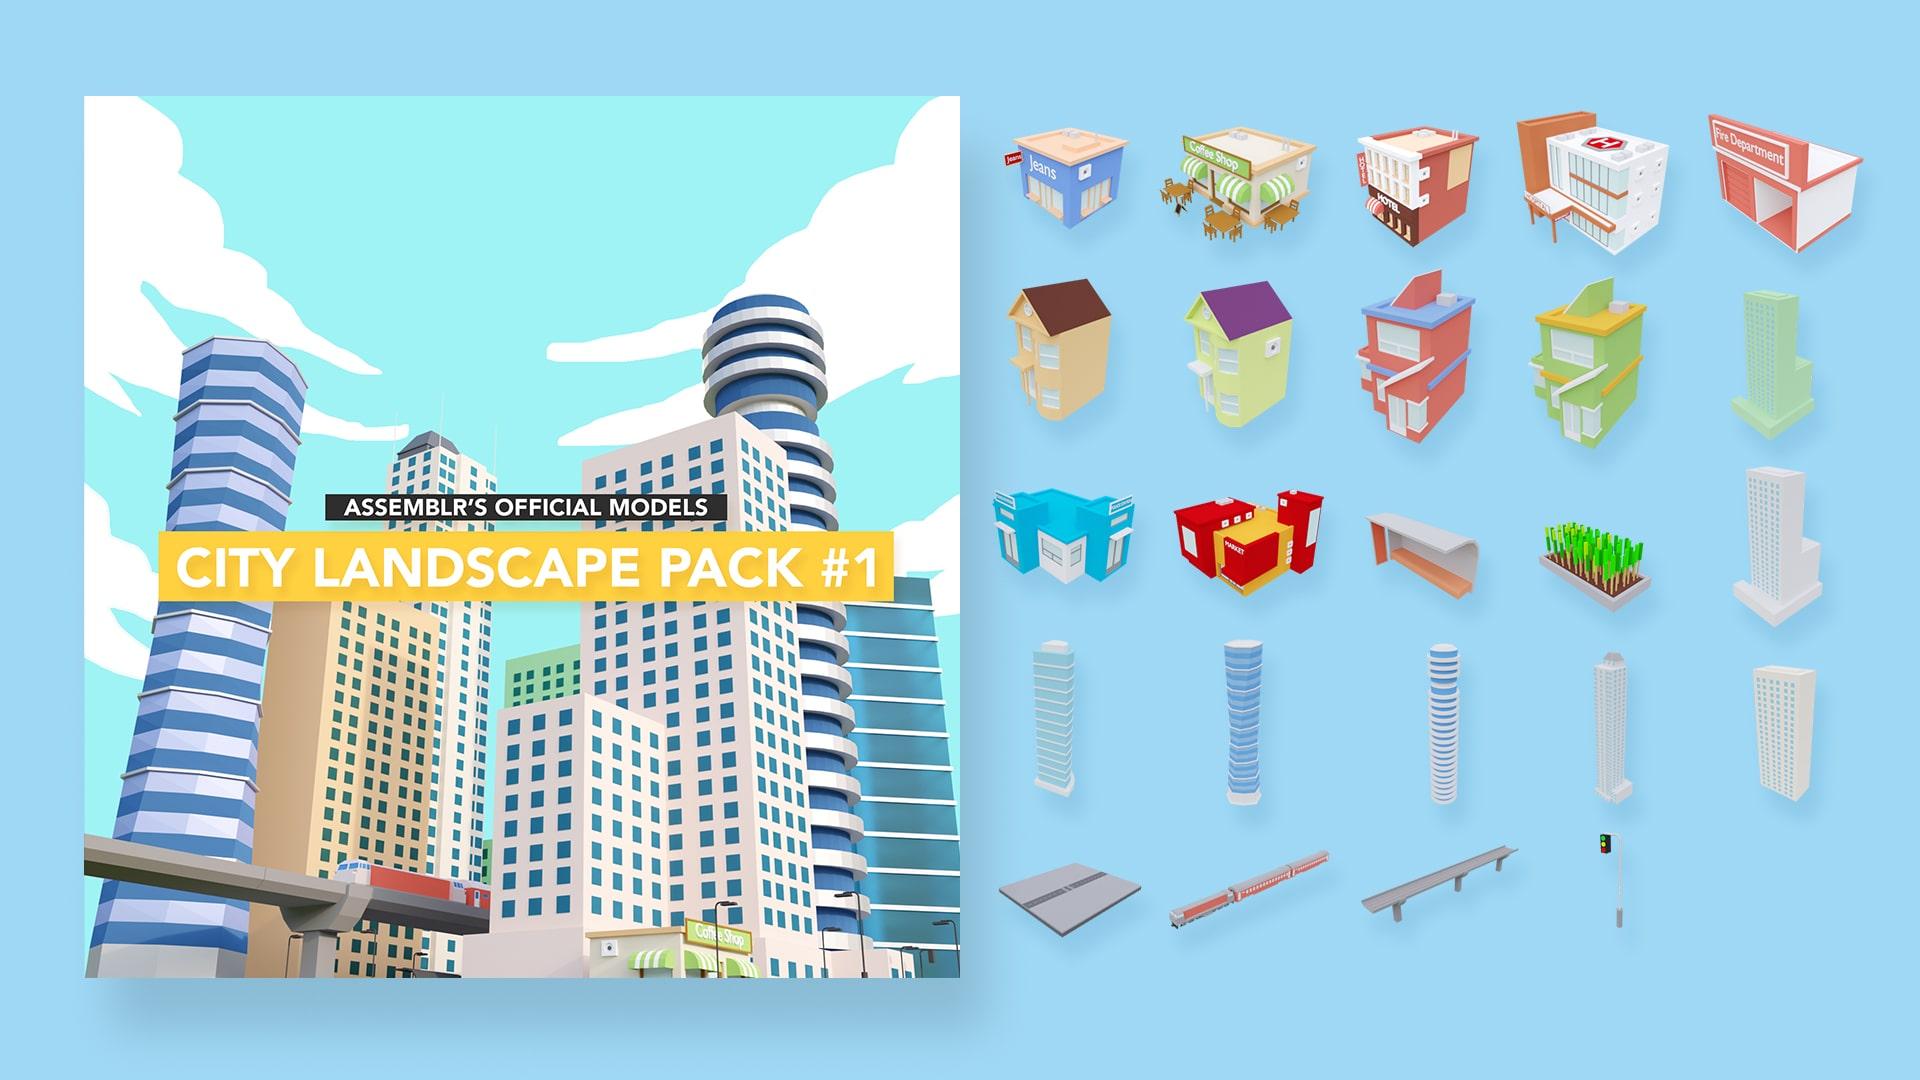 City landscape pack #1